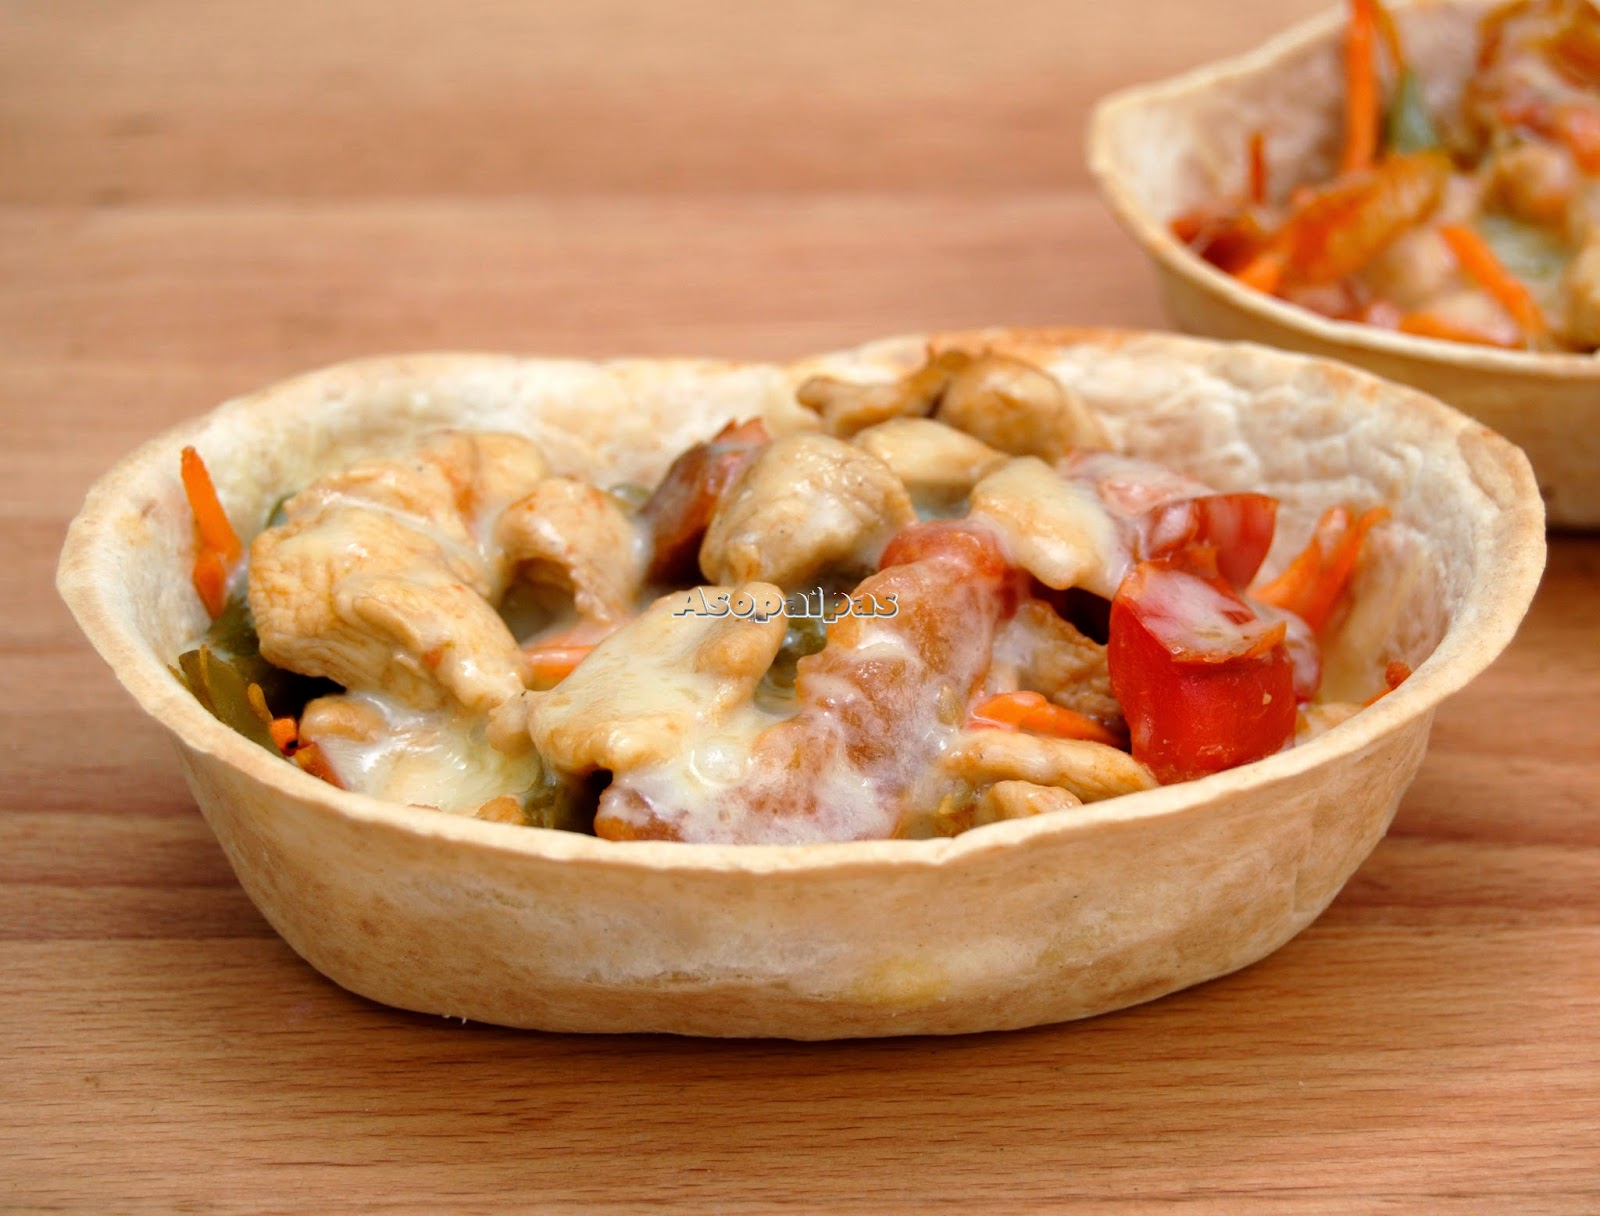 Barquitas de Pollo y Verduras Salteadas